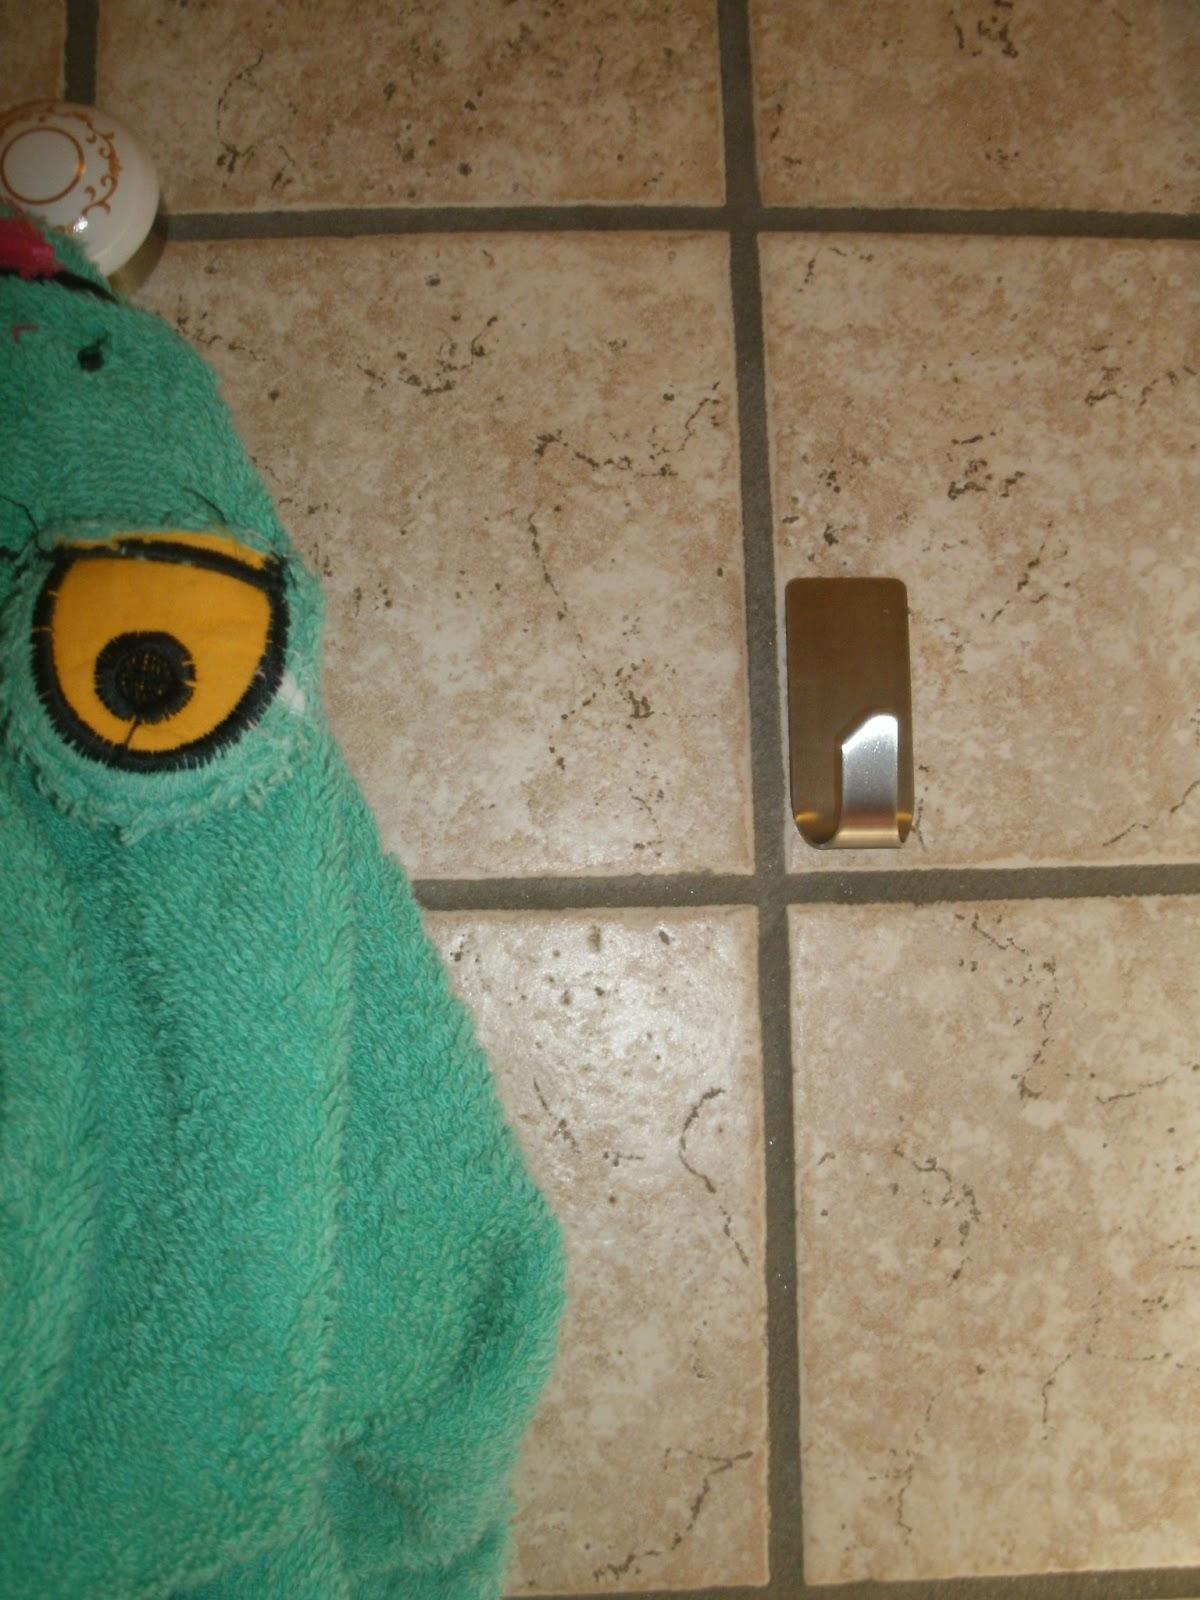 Il blog di manu tesa la soluzione ad ogni nostro problema - Bucare piastrelle bagno ...